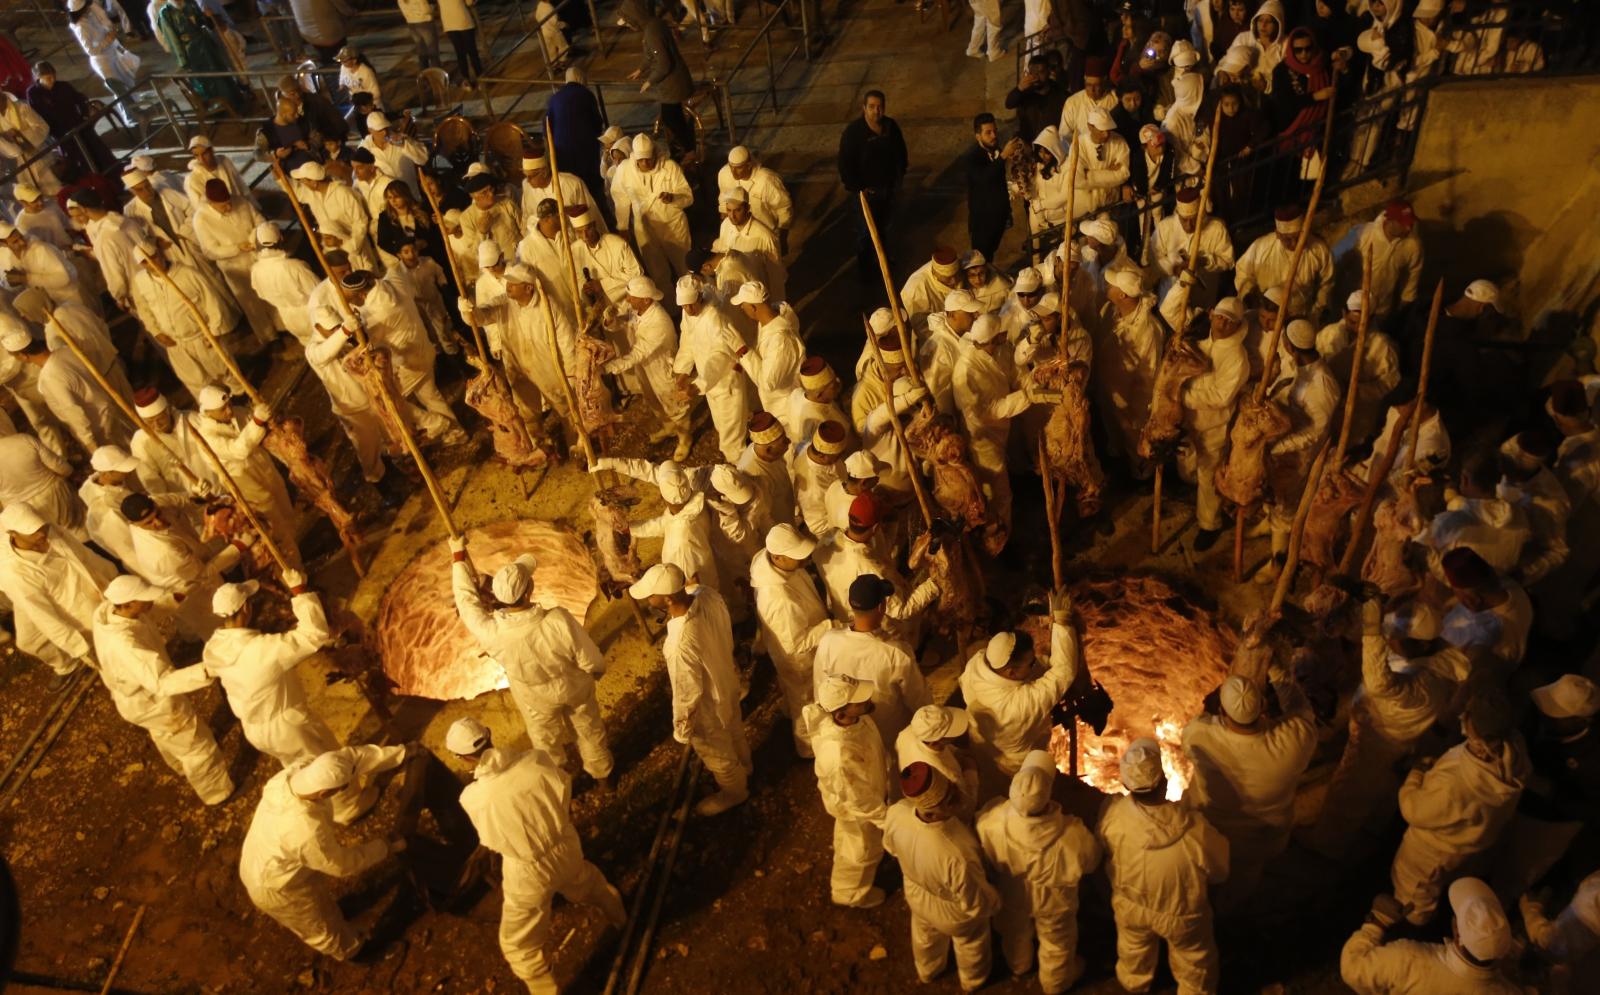 Członkowie starożytnej społeczności Samarytan w czasie rytuału Ofiary przed świętem Paschy.